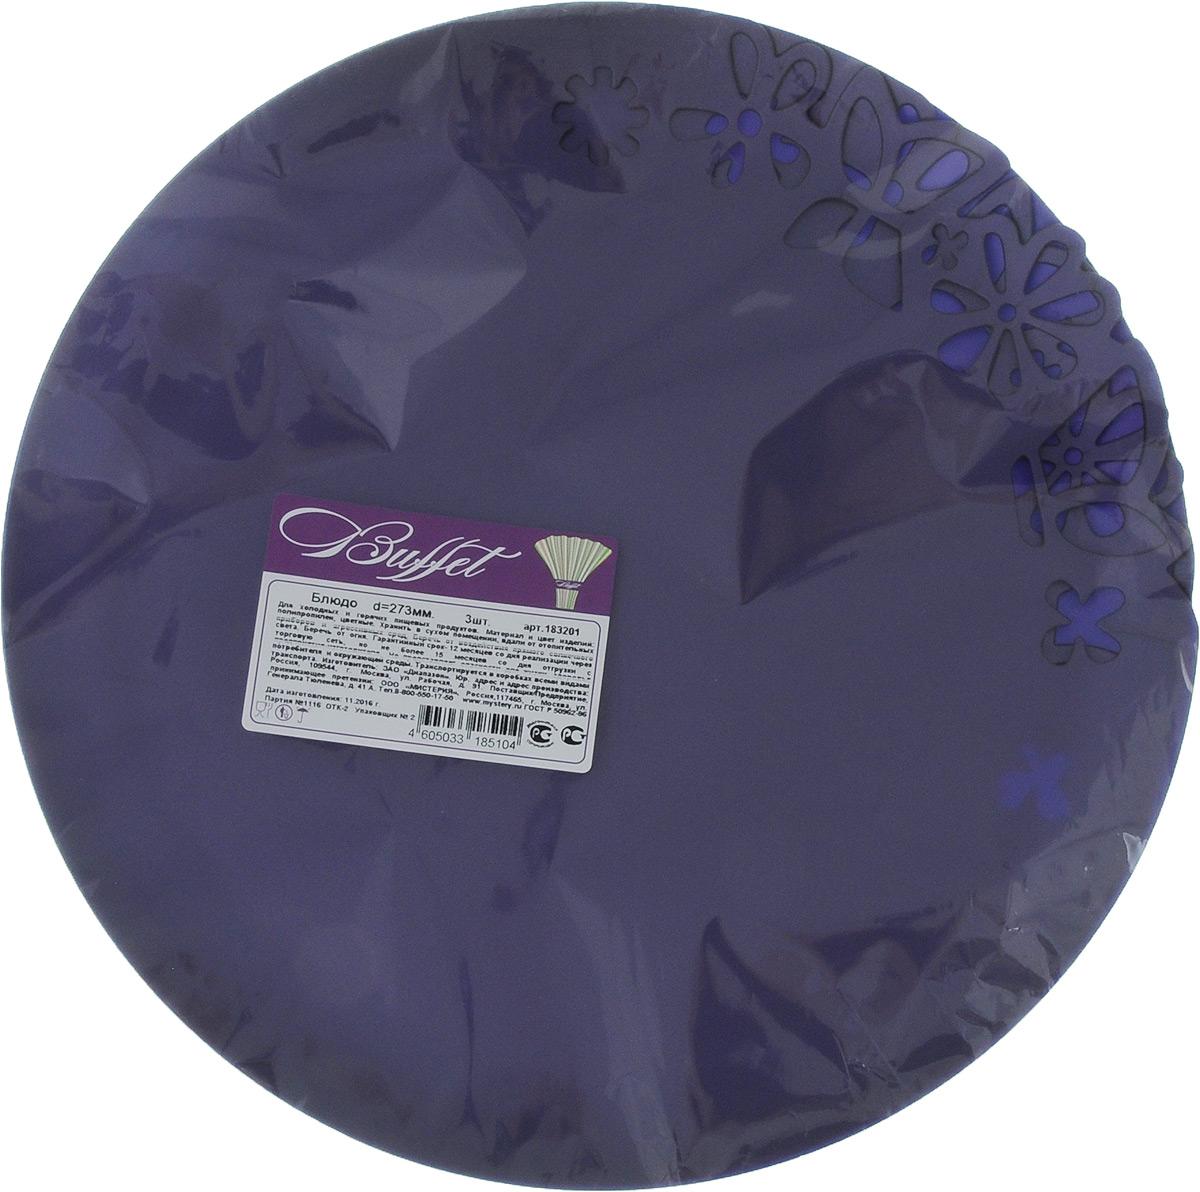 Набор тарелок Buffet, цвет: фиолетовый, диаметр 27,3 см, 3 шт183201_фиолетовыйНабор Buffet состоит из трех тарелок, оформленных декоративной перфорацией. Изделия, изготовленные из высококачественной полипропилена, сочетают в себе изысканный дизайн с максимальной функциональностью. Тарелки предназначены для холодных и горячих (до +70°С) продуктов. Такие тарелки незаменимы в поездках на природу и на пикниках.Диаметр тарелки: 27,3 см.Высота стенки: 1,5 см.